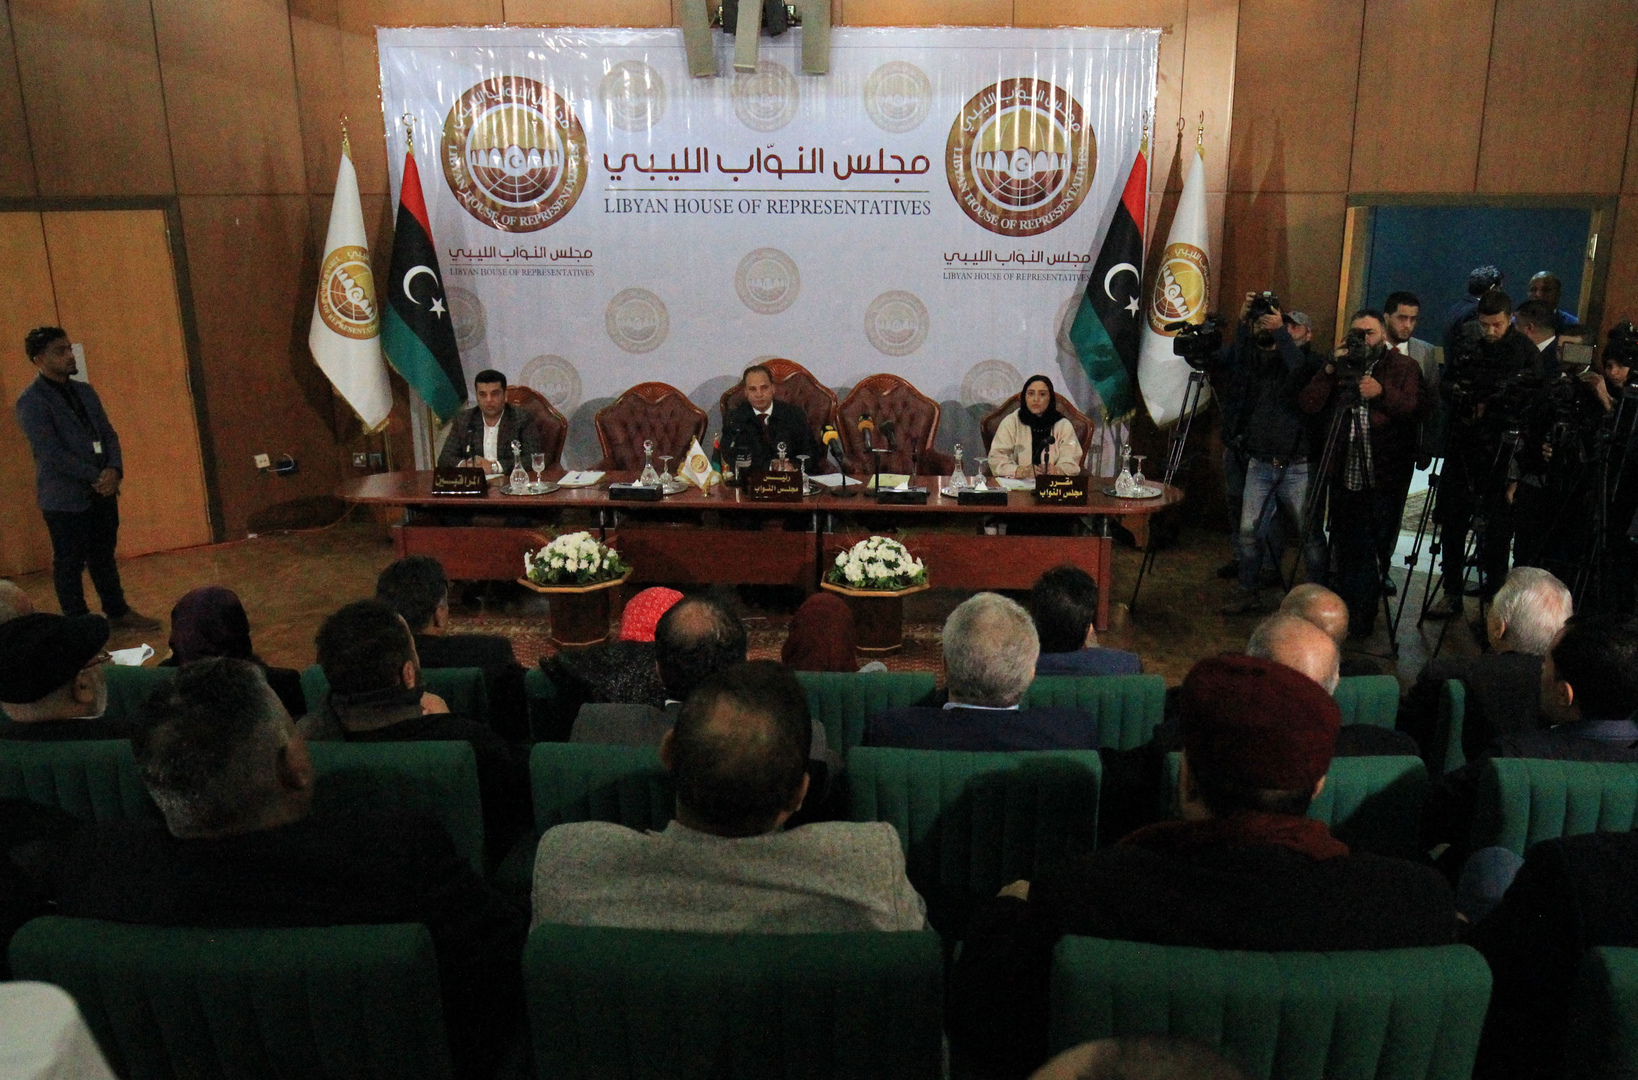 الدبيبة أمام مجلس النواب الليبي: جميعهم من دون استثناء يريدون